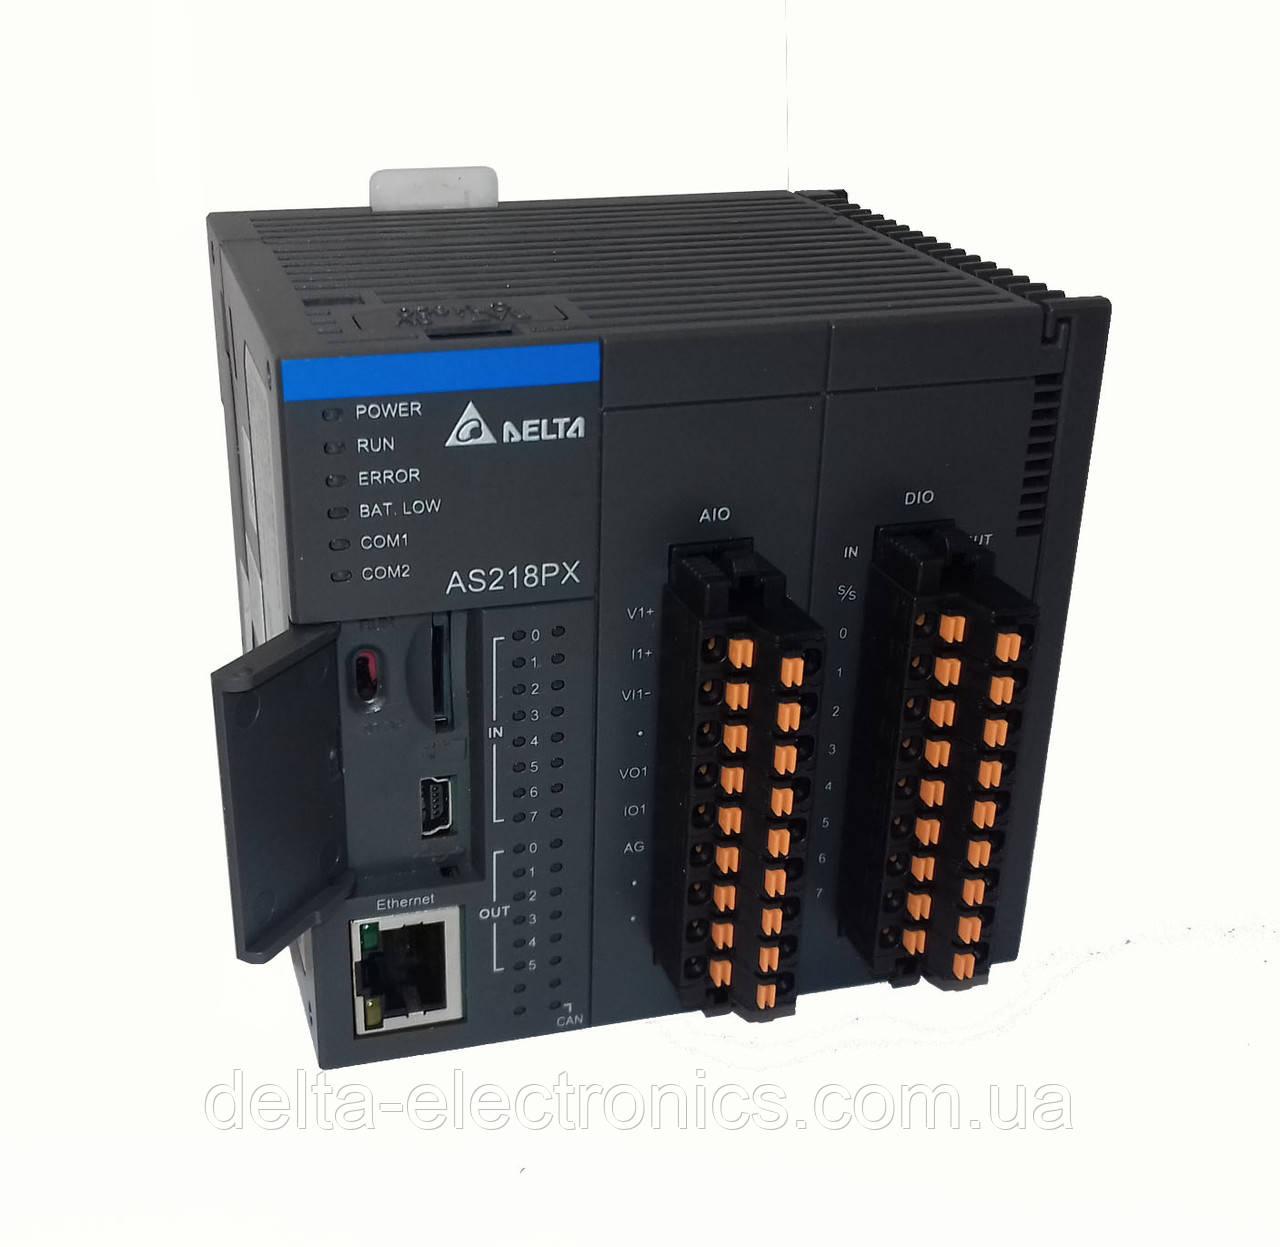 Базовый модуль контроллера серии AS200 Delta Electronics, 8DI/6DO транзисторные выходы, 2AI/2AO, Ethernet